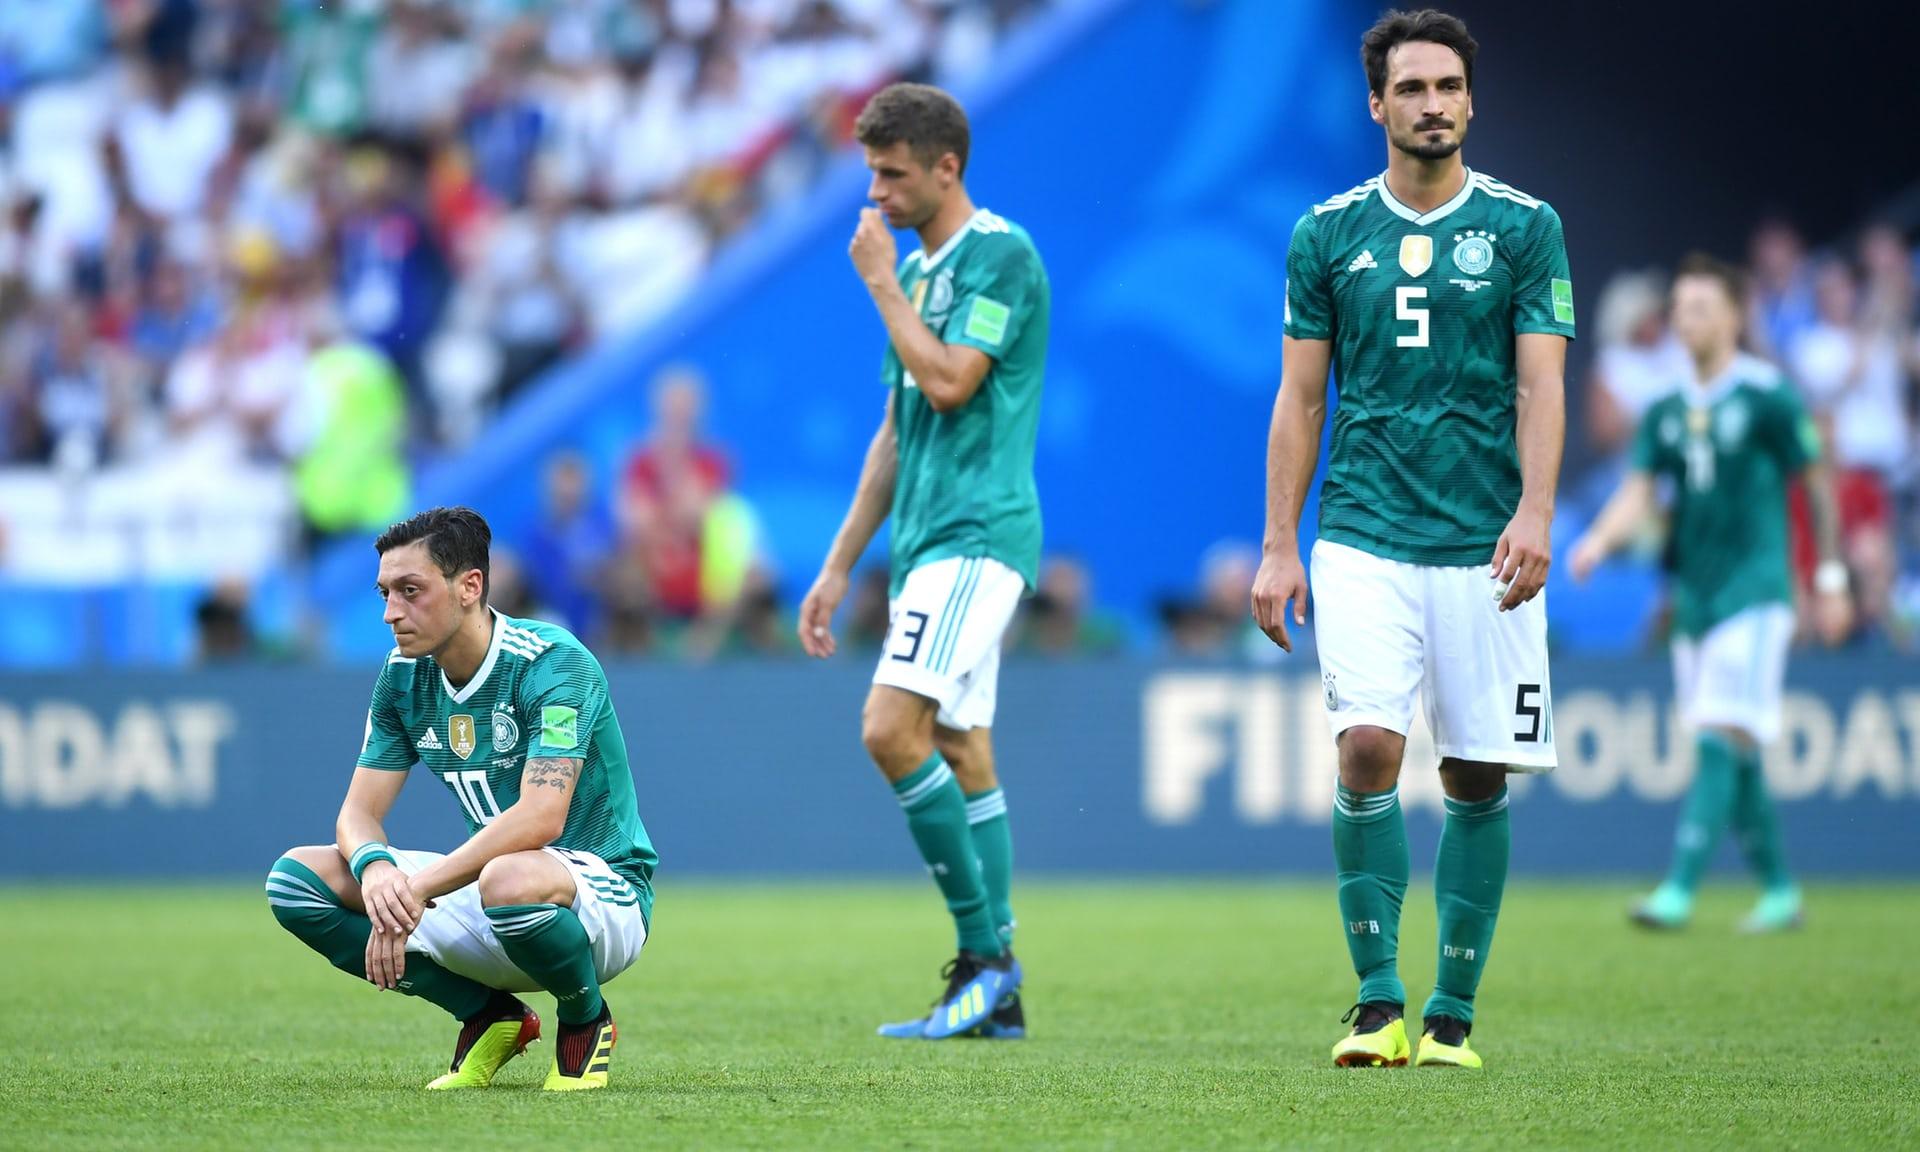 جولان تازه به دوران رسیده ها در جام جهانی 2018